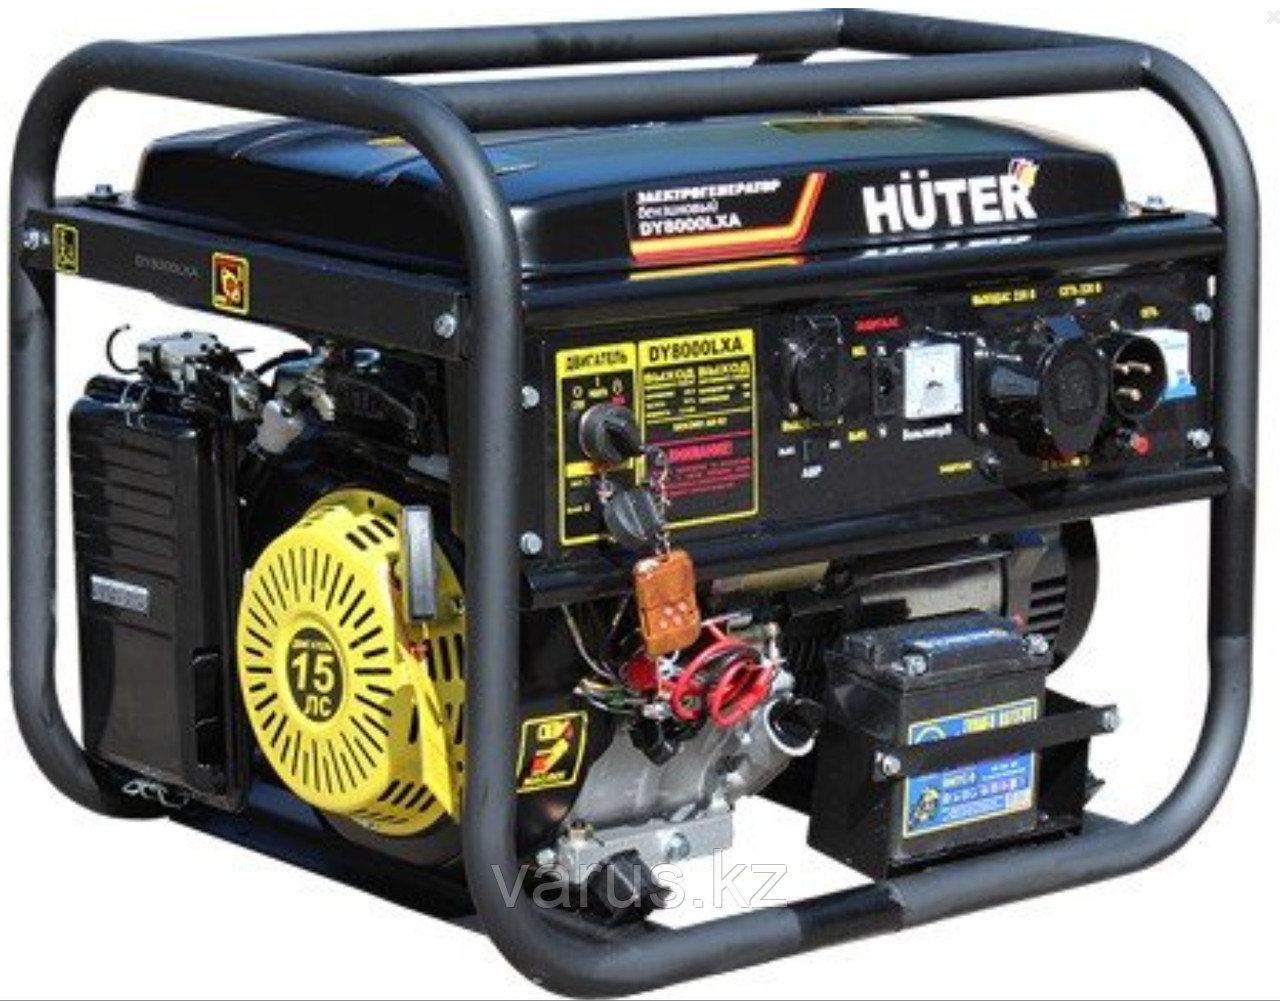 Электрогенератор бензиновый DY8000LXA АВР